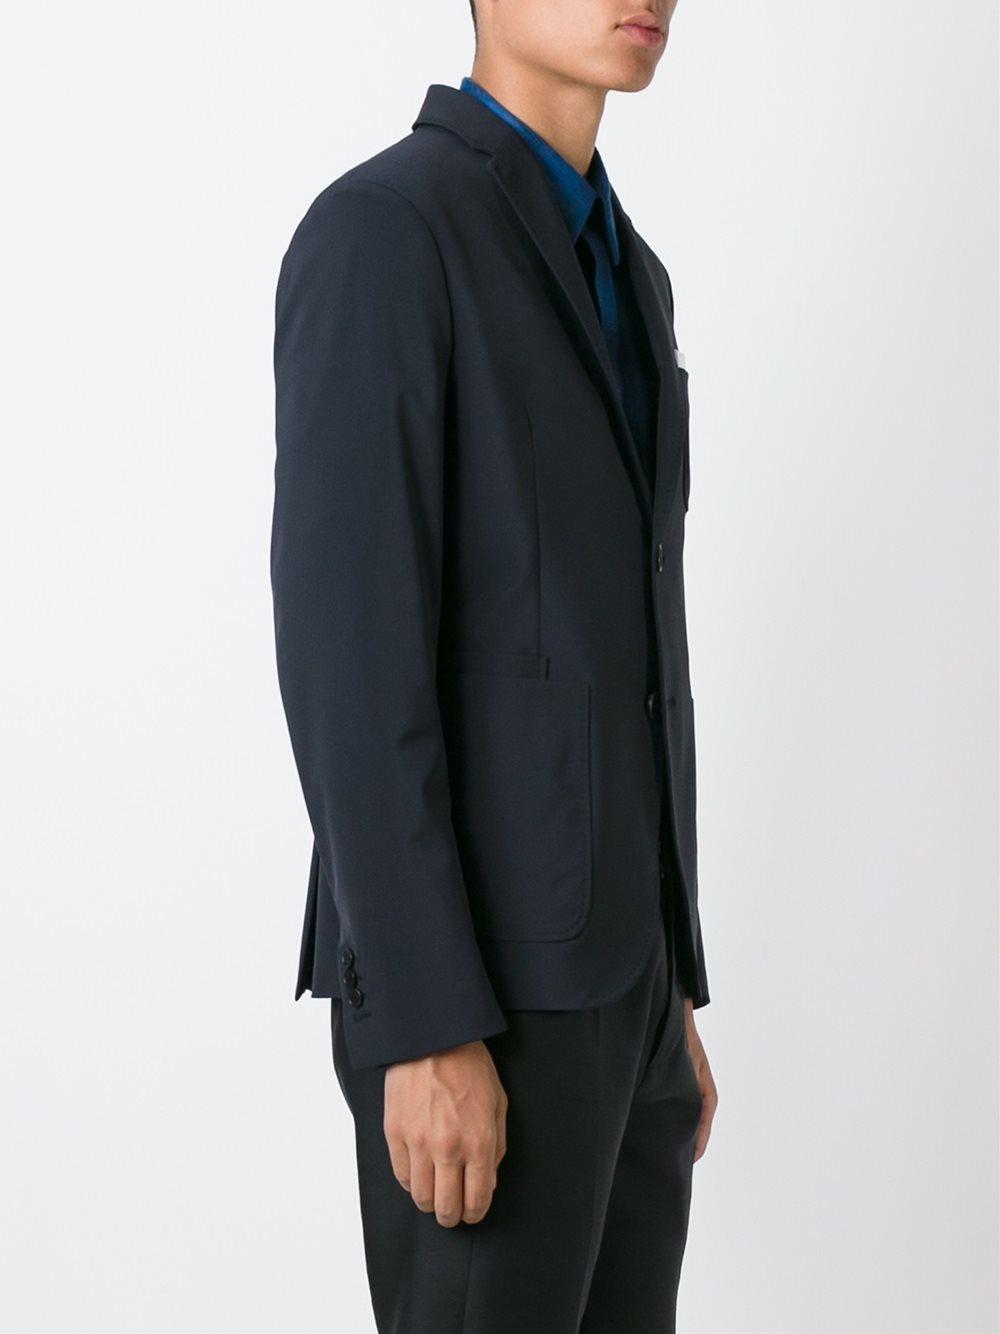 Neil Barrett Wool Patch Pocket Blazer in Blue for Men